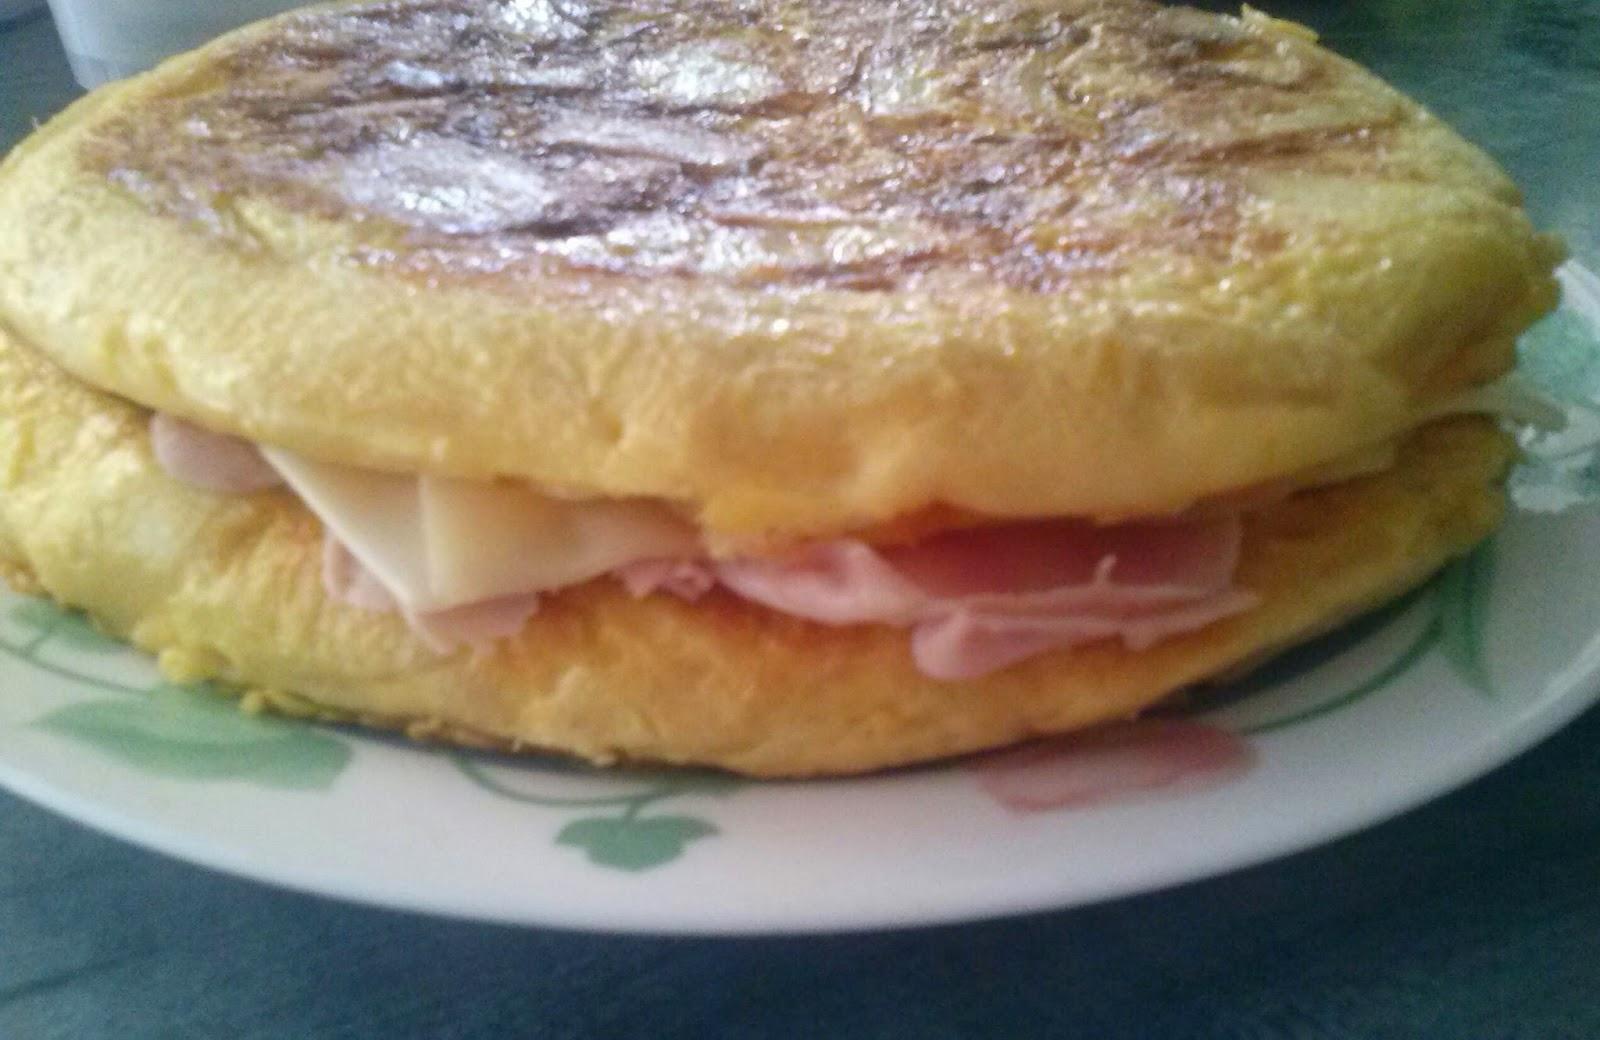 http://anaverita.blogspot.com.es/search?q=tortilla+rellena